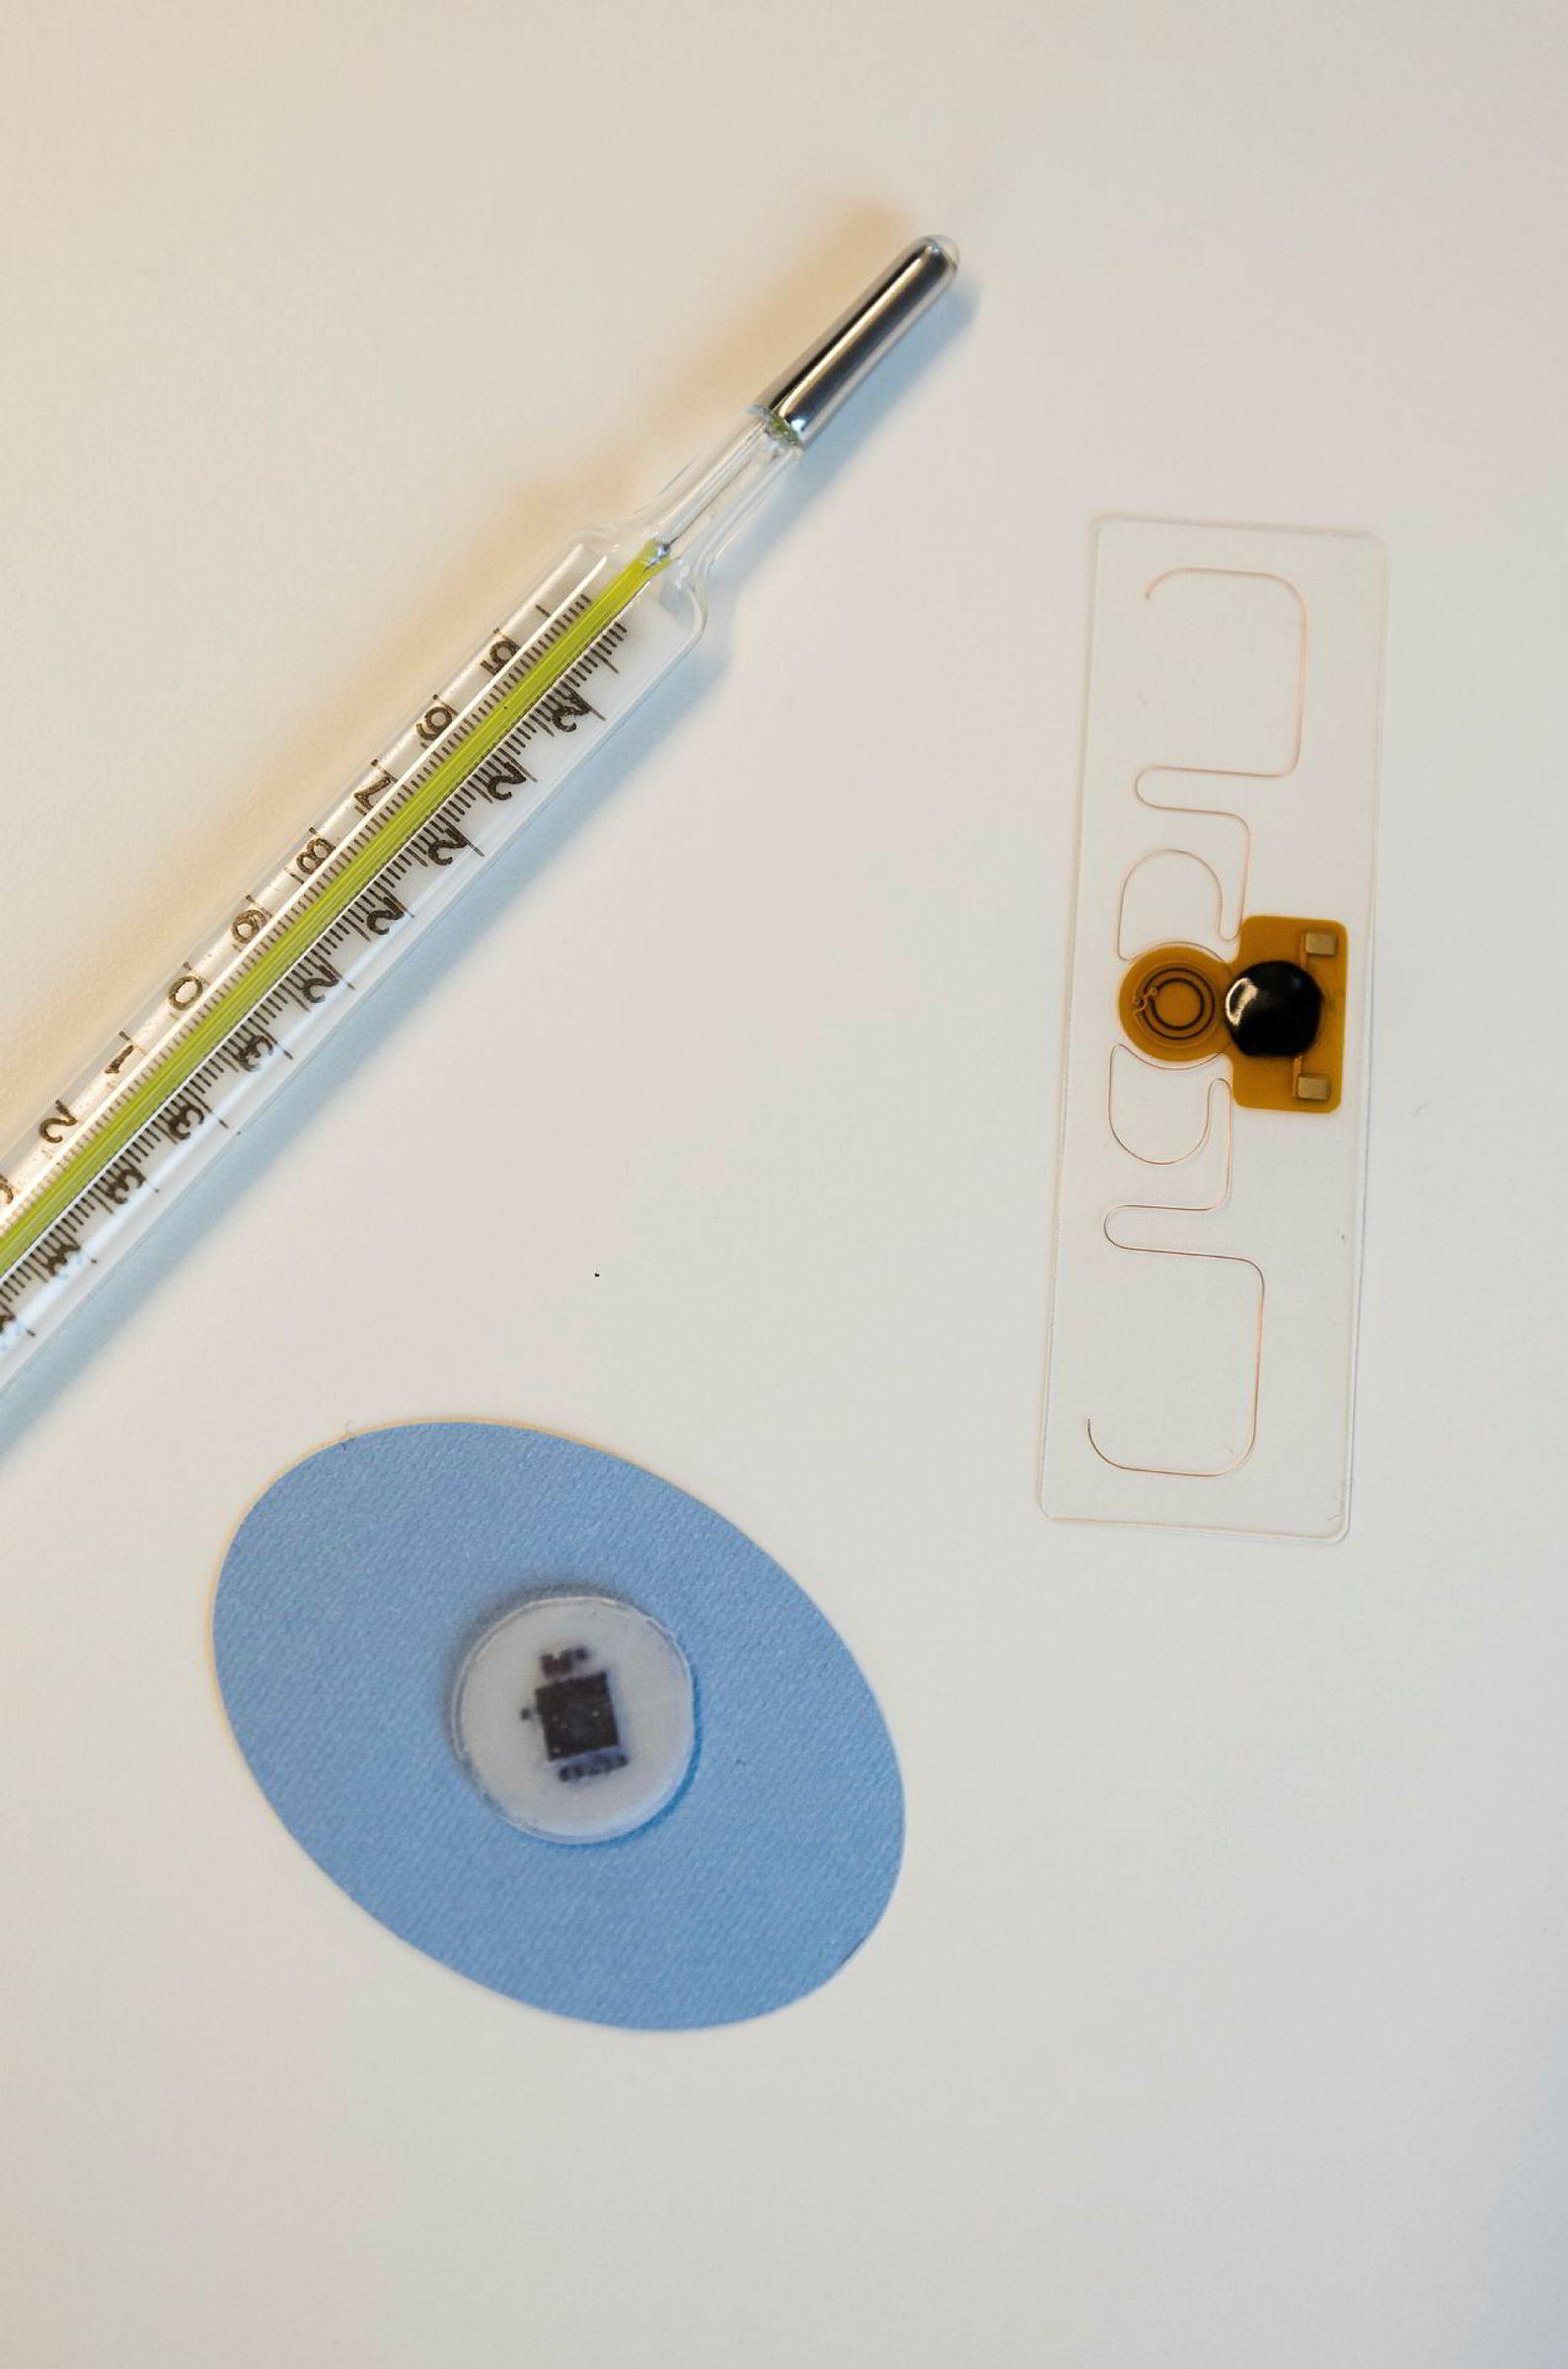 Bildet viser et klassisk termometer, en modell av Onios termometerplaster, samt en prototyp på enheten som skal høste energi fra bakgrunnsstråling, som skal bygges inn i plasteret.